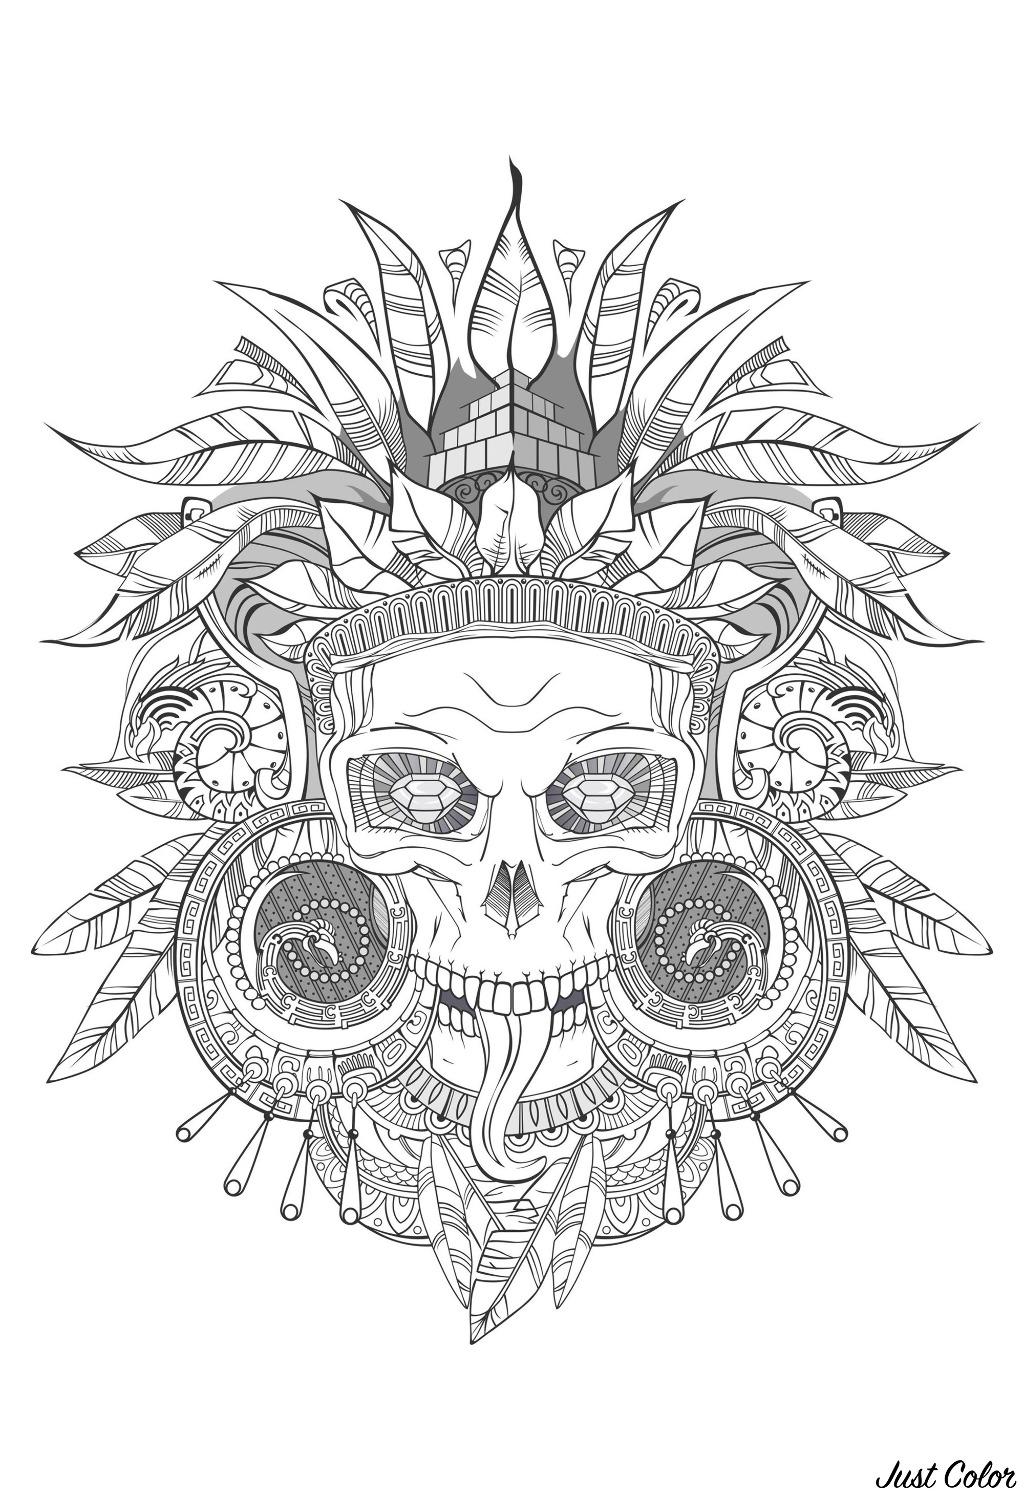 Disegni da colorare per adulti : Maya, Aztechi e Incas - 2